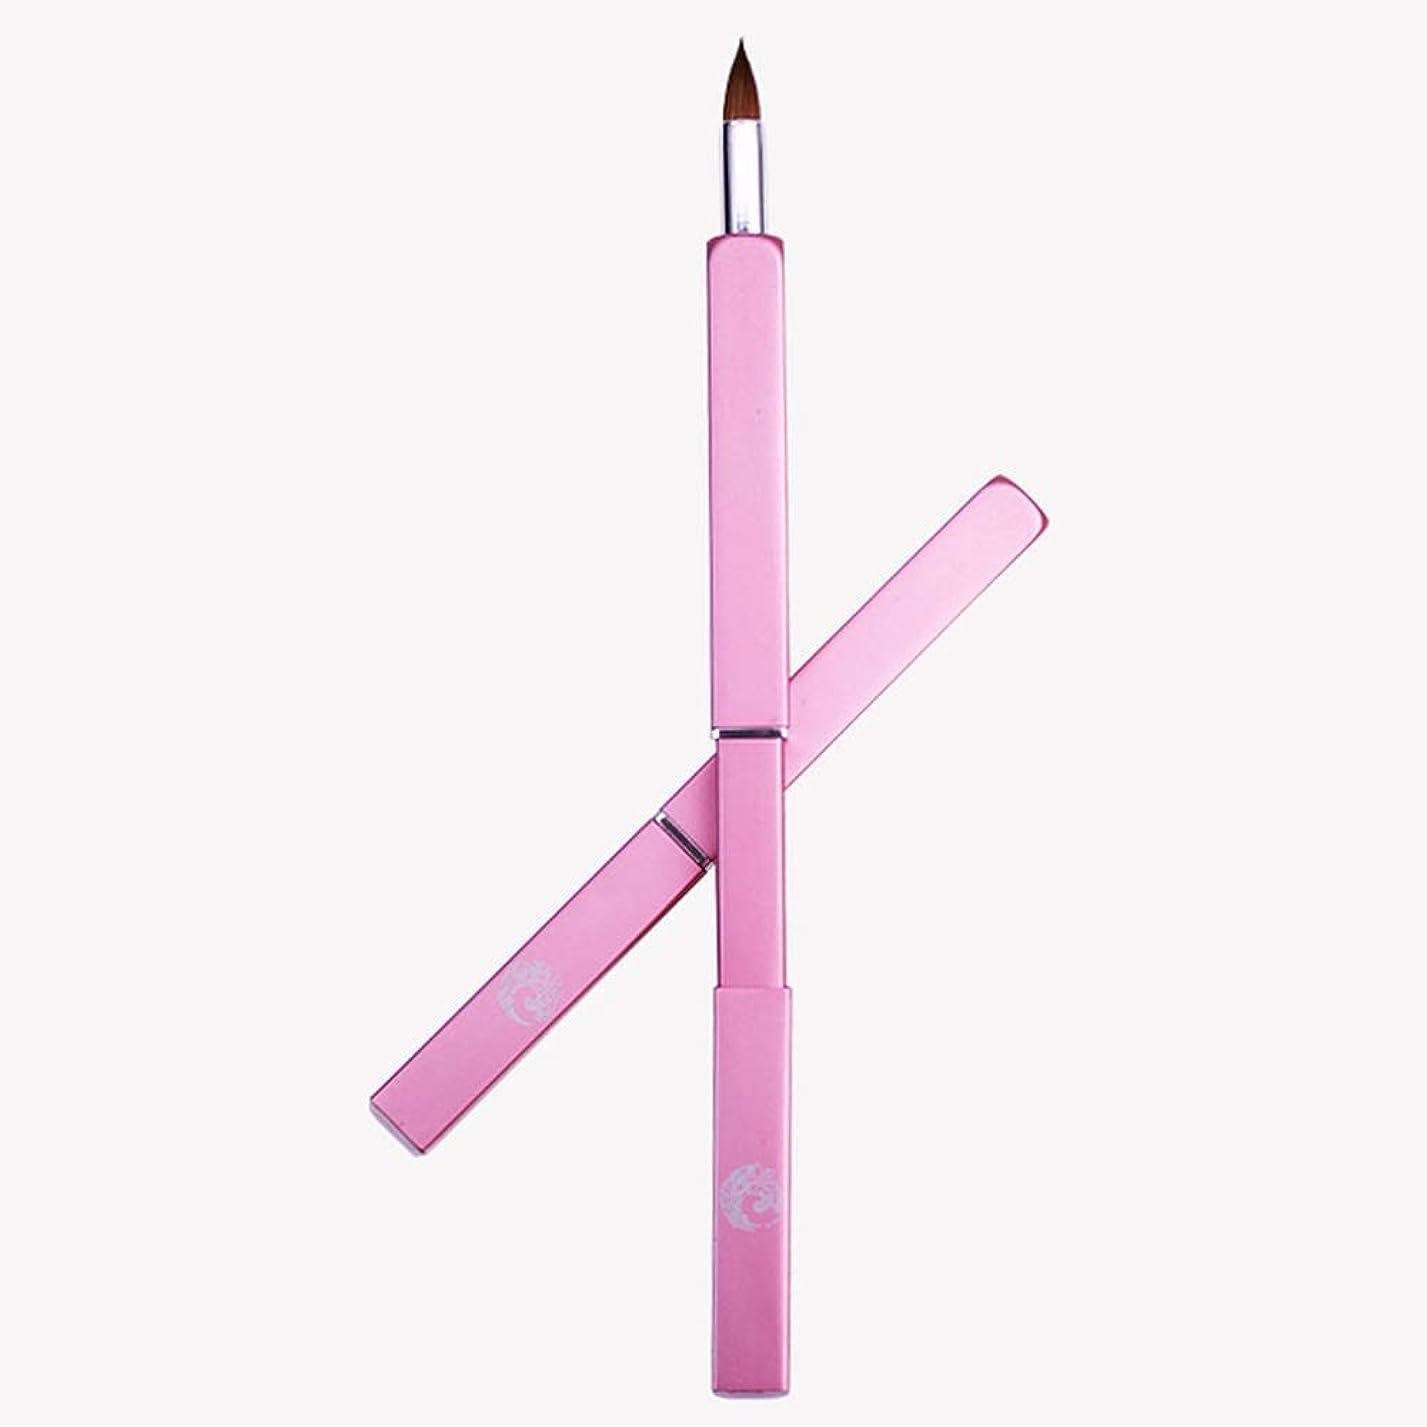 はぁ名目上のアトラスENERGY メイクブラシ リップブラシ スライド式 ポータブル(ピンク)